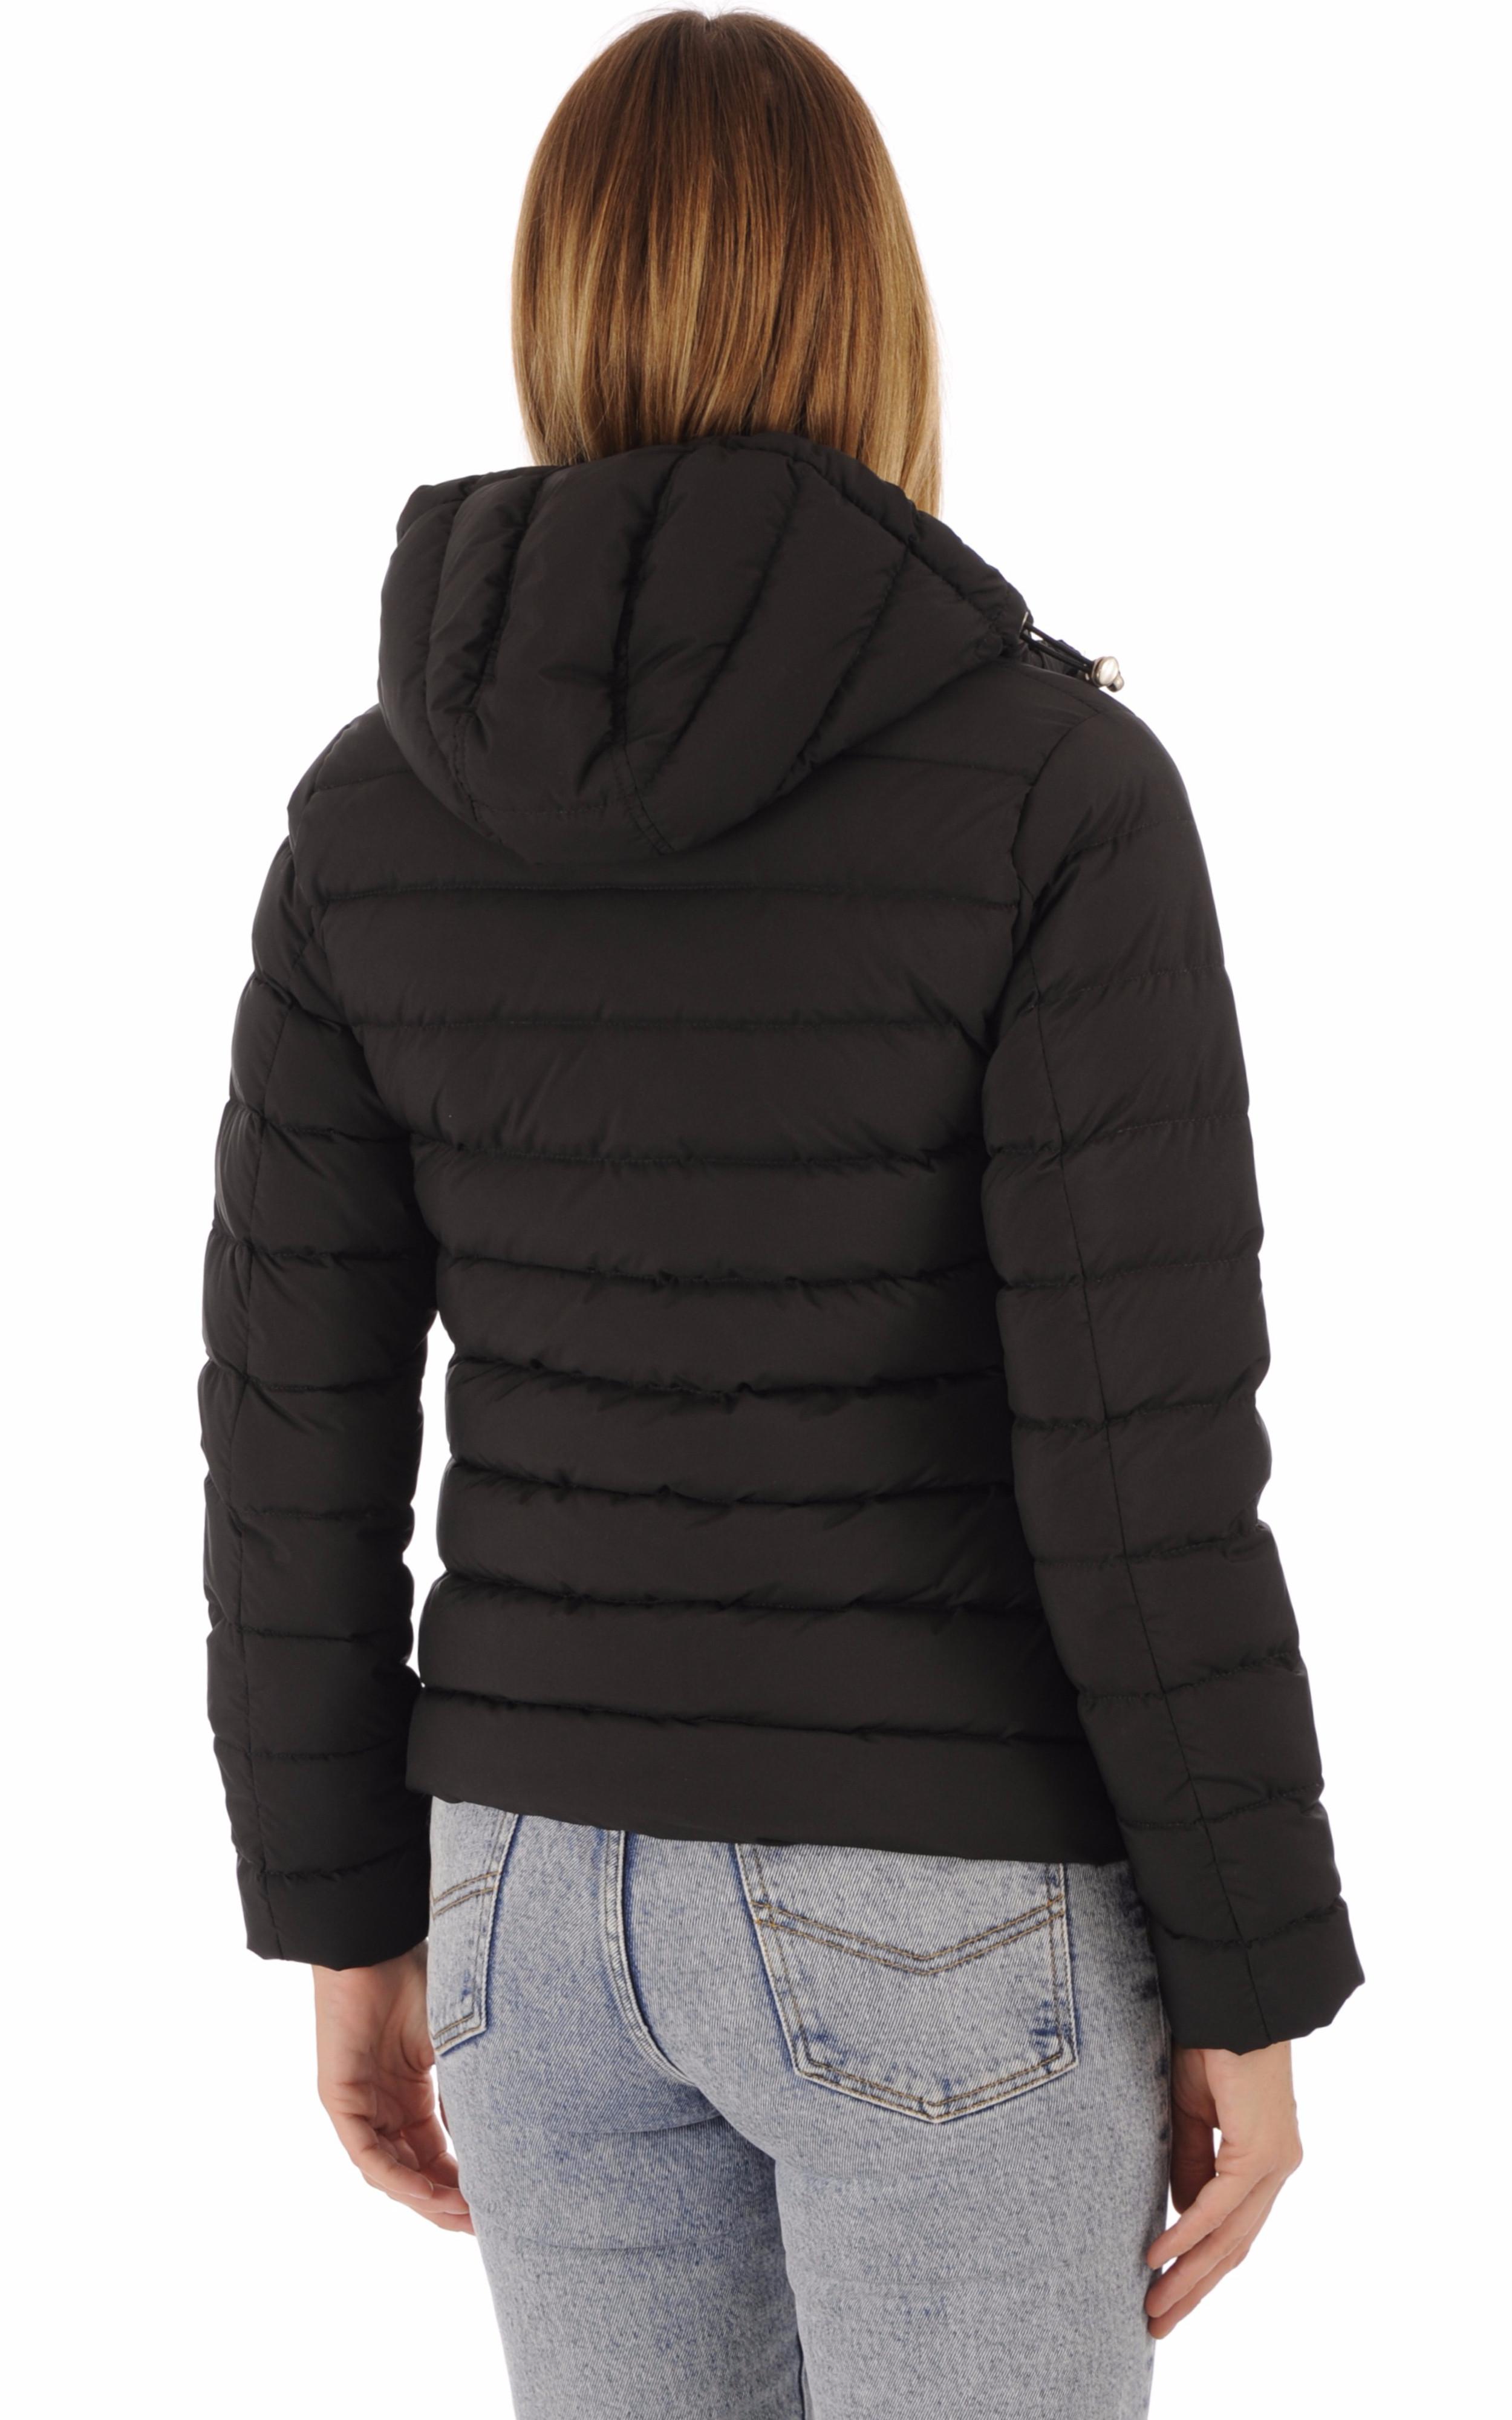 Doudoune Spoutnic Soft noire Pyrenex